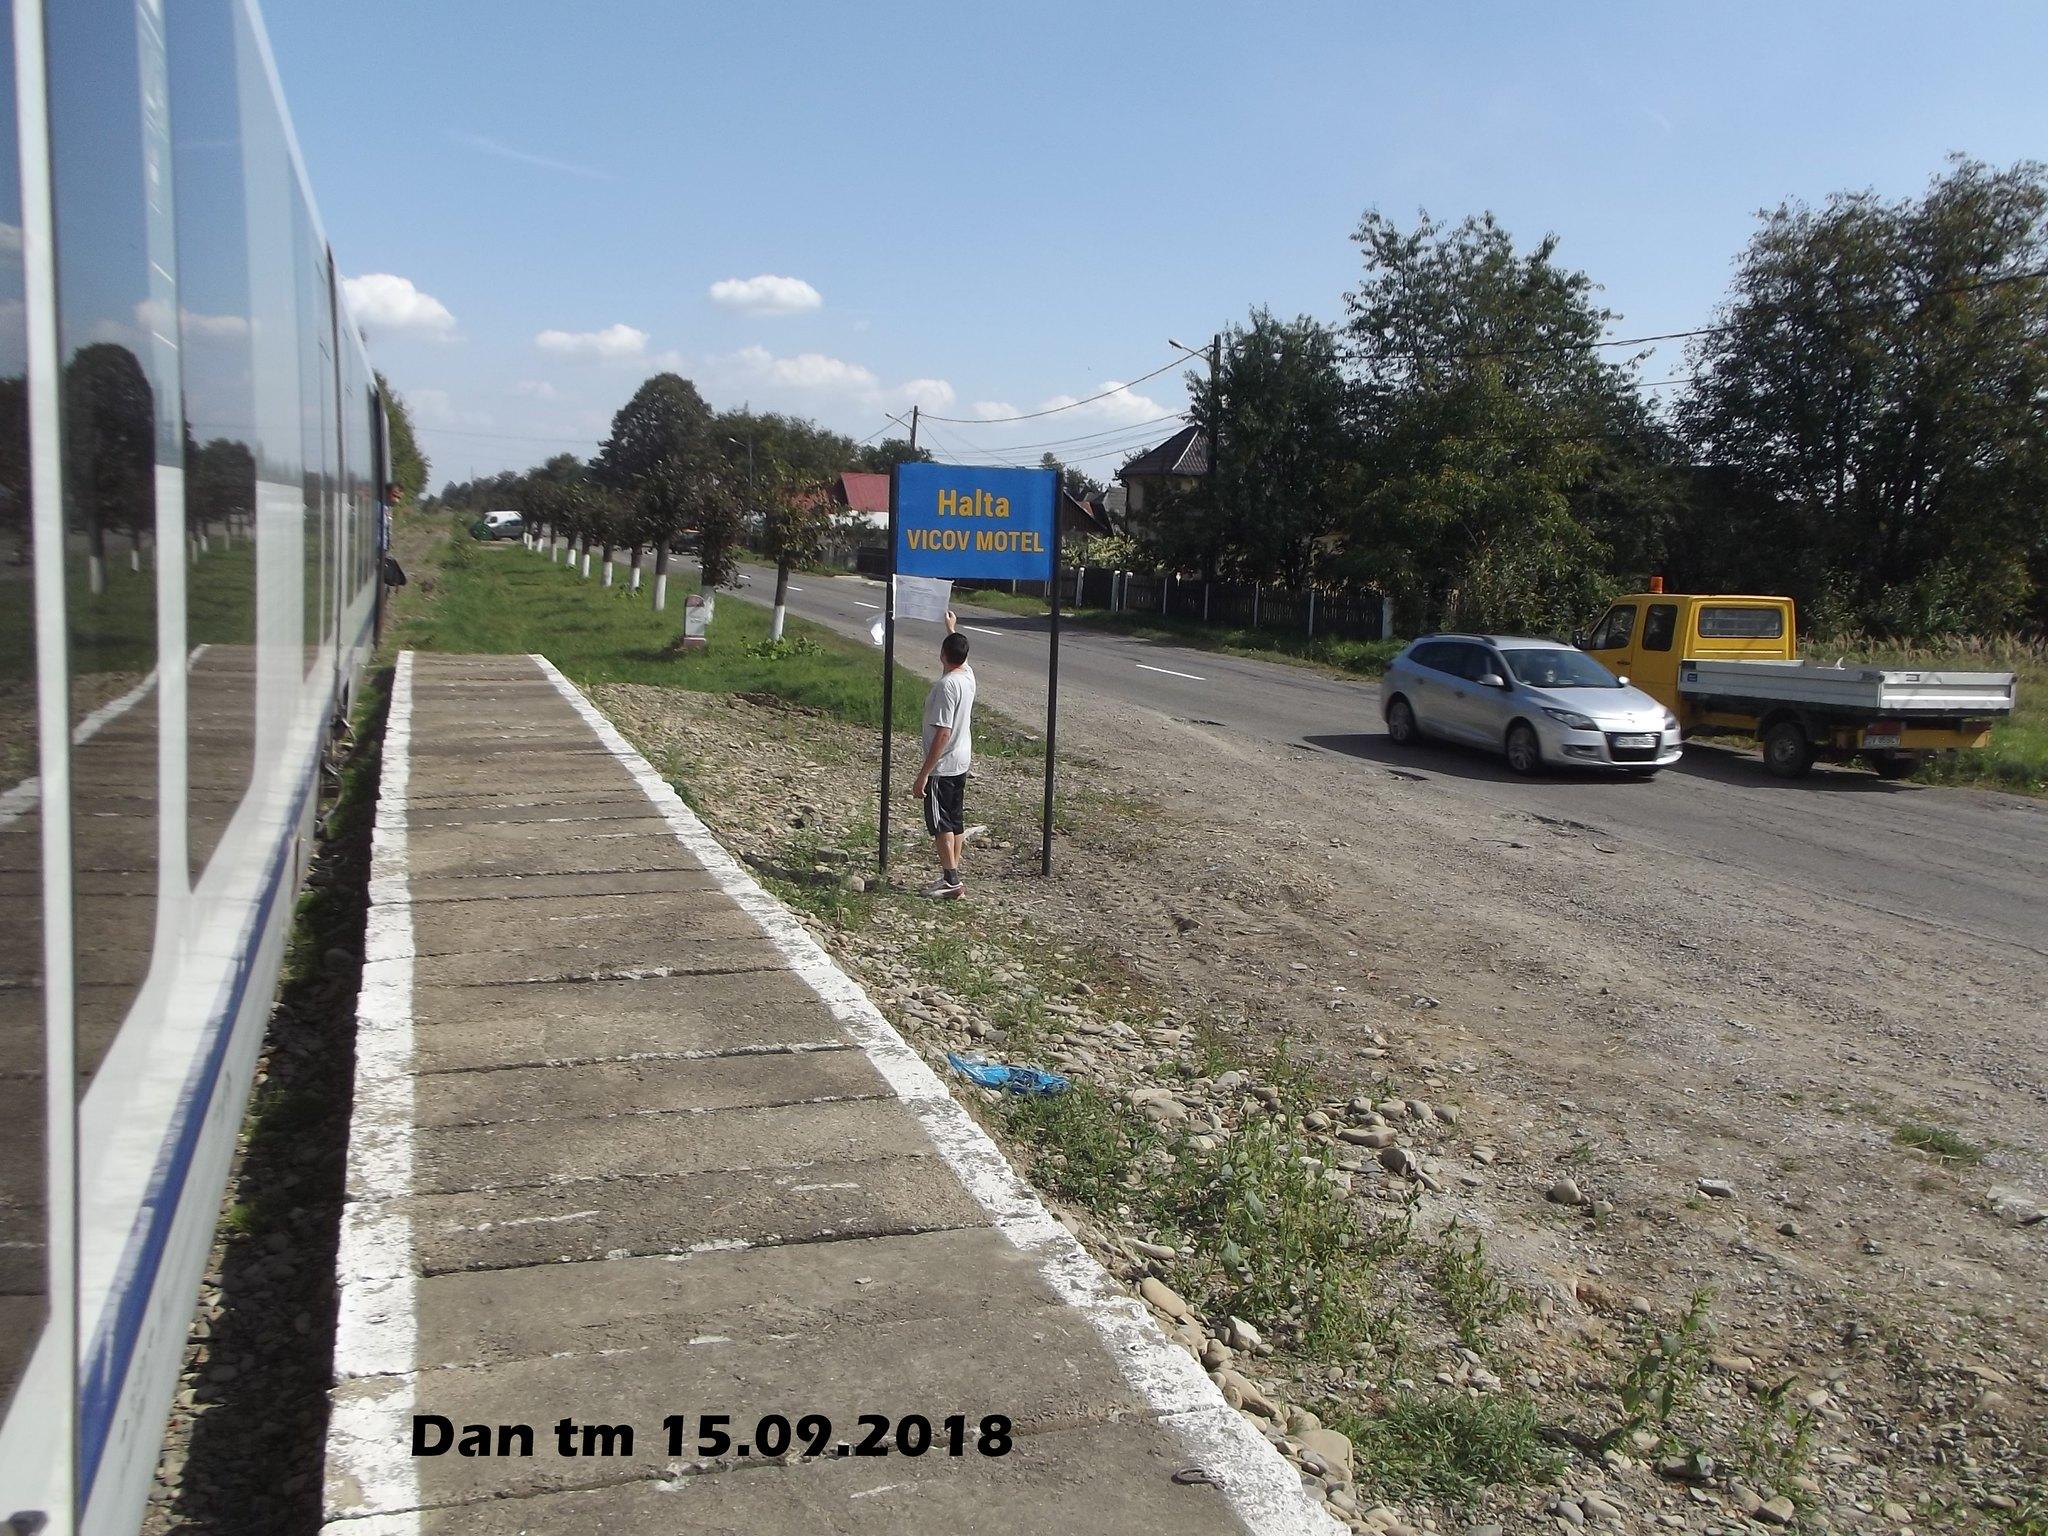 515 : Dorneşti - Gura Putnei - (Putna) - Nisipitu - Seletin UKR - Pagina 47 44016734804_45df9047db_k